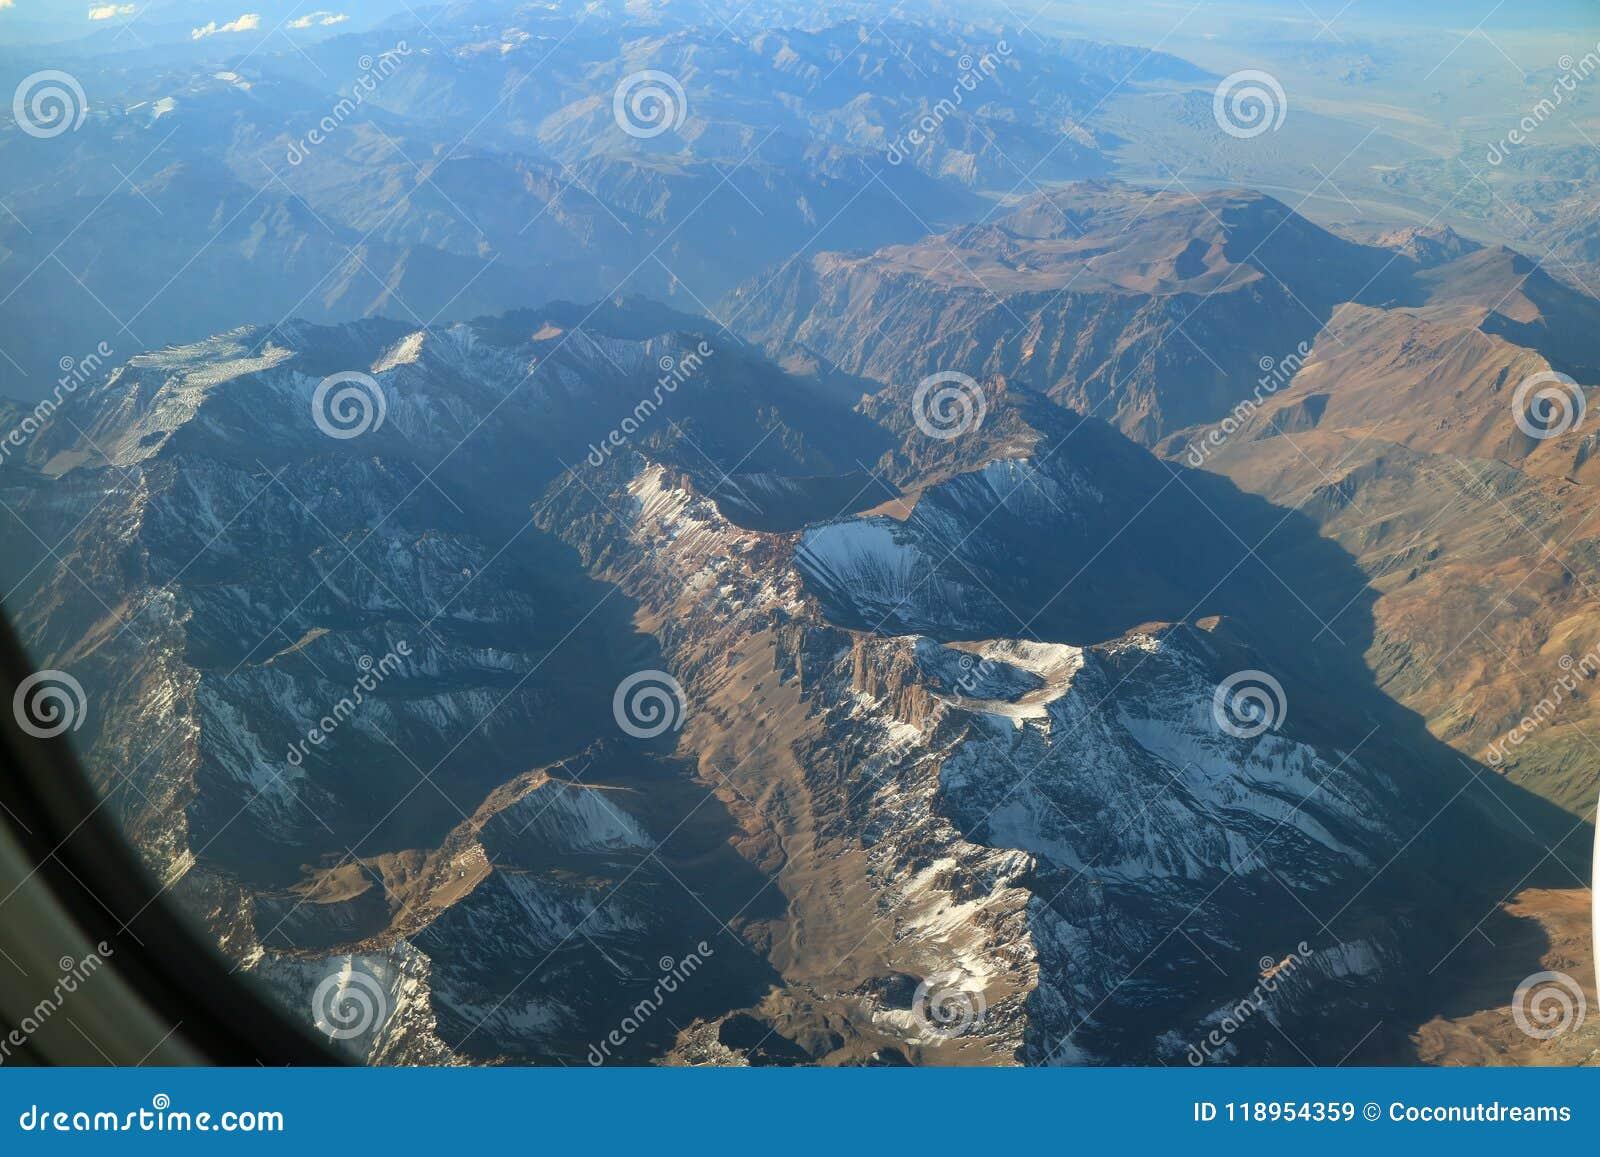 雪美好的鸟瞰图加盖了从飞机窗口看的山脉